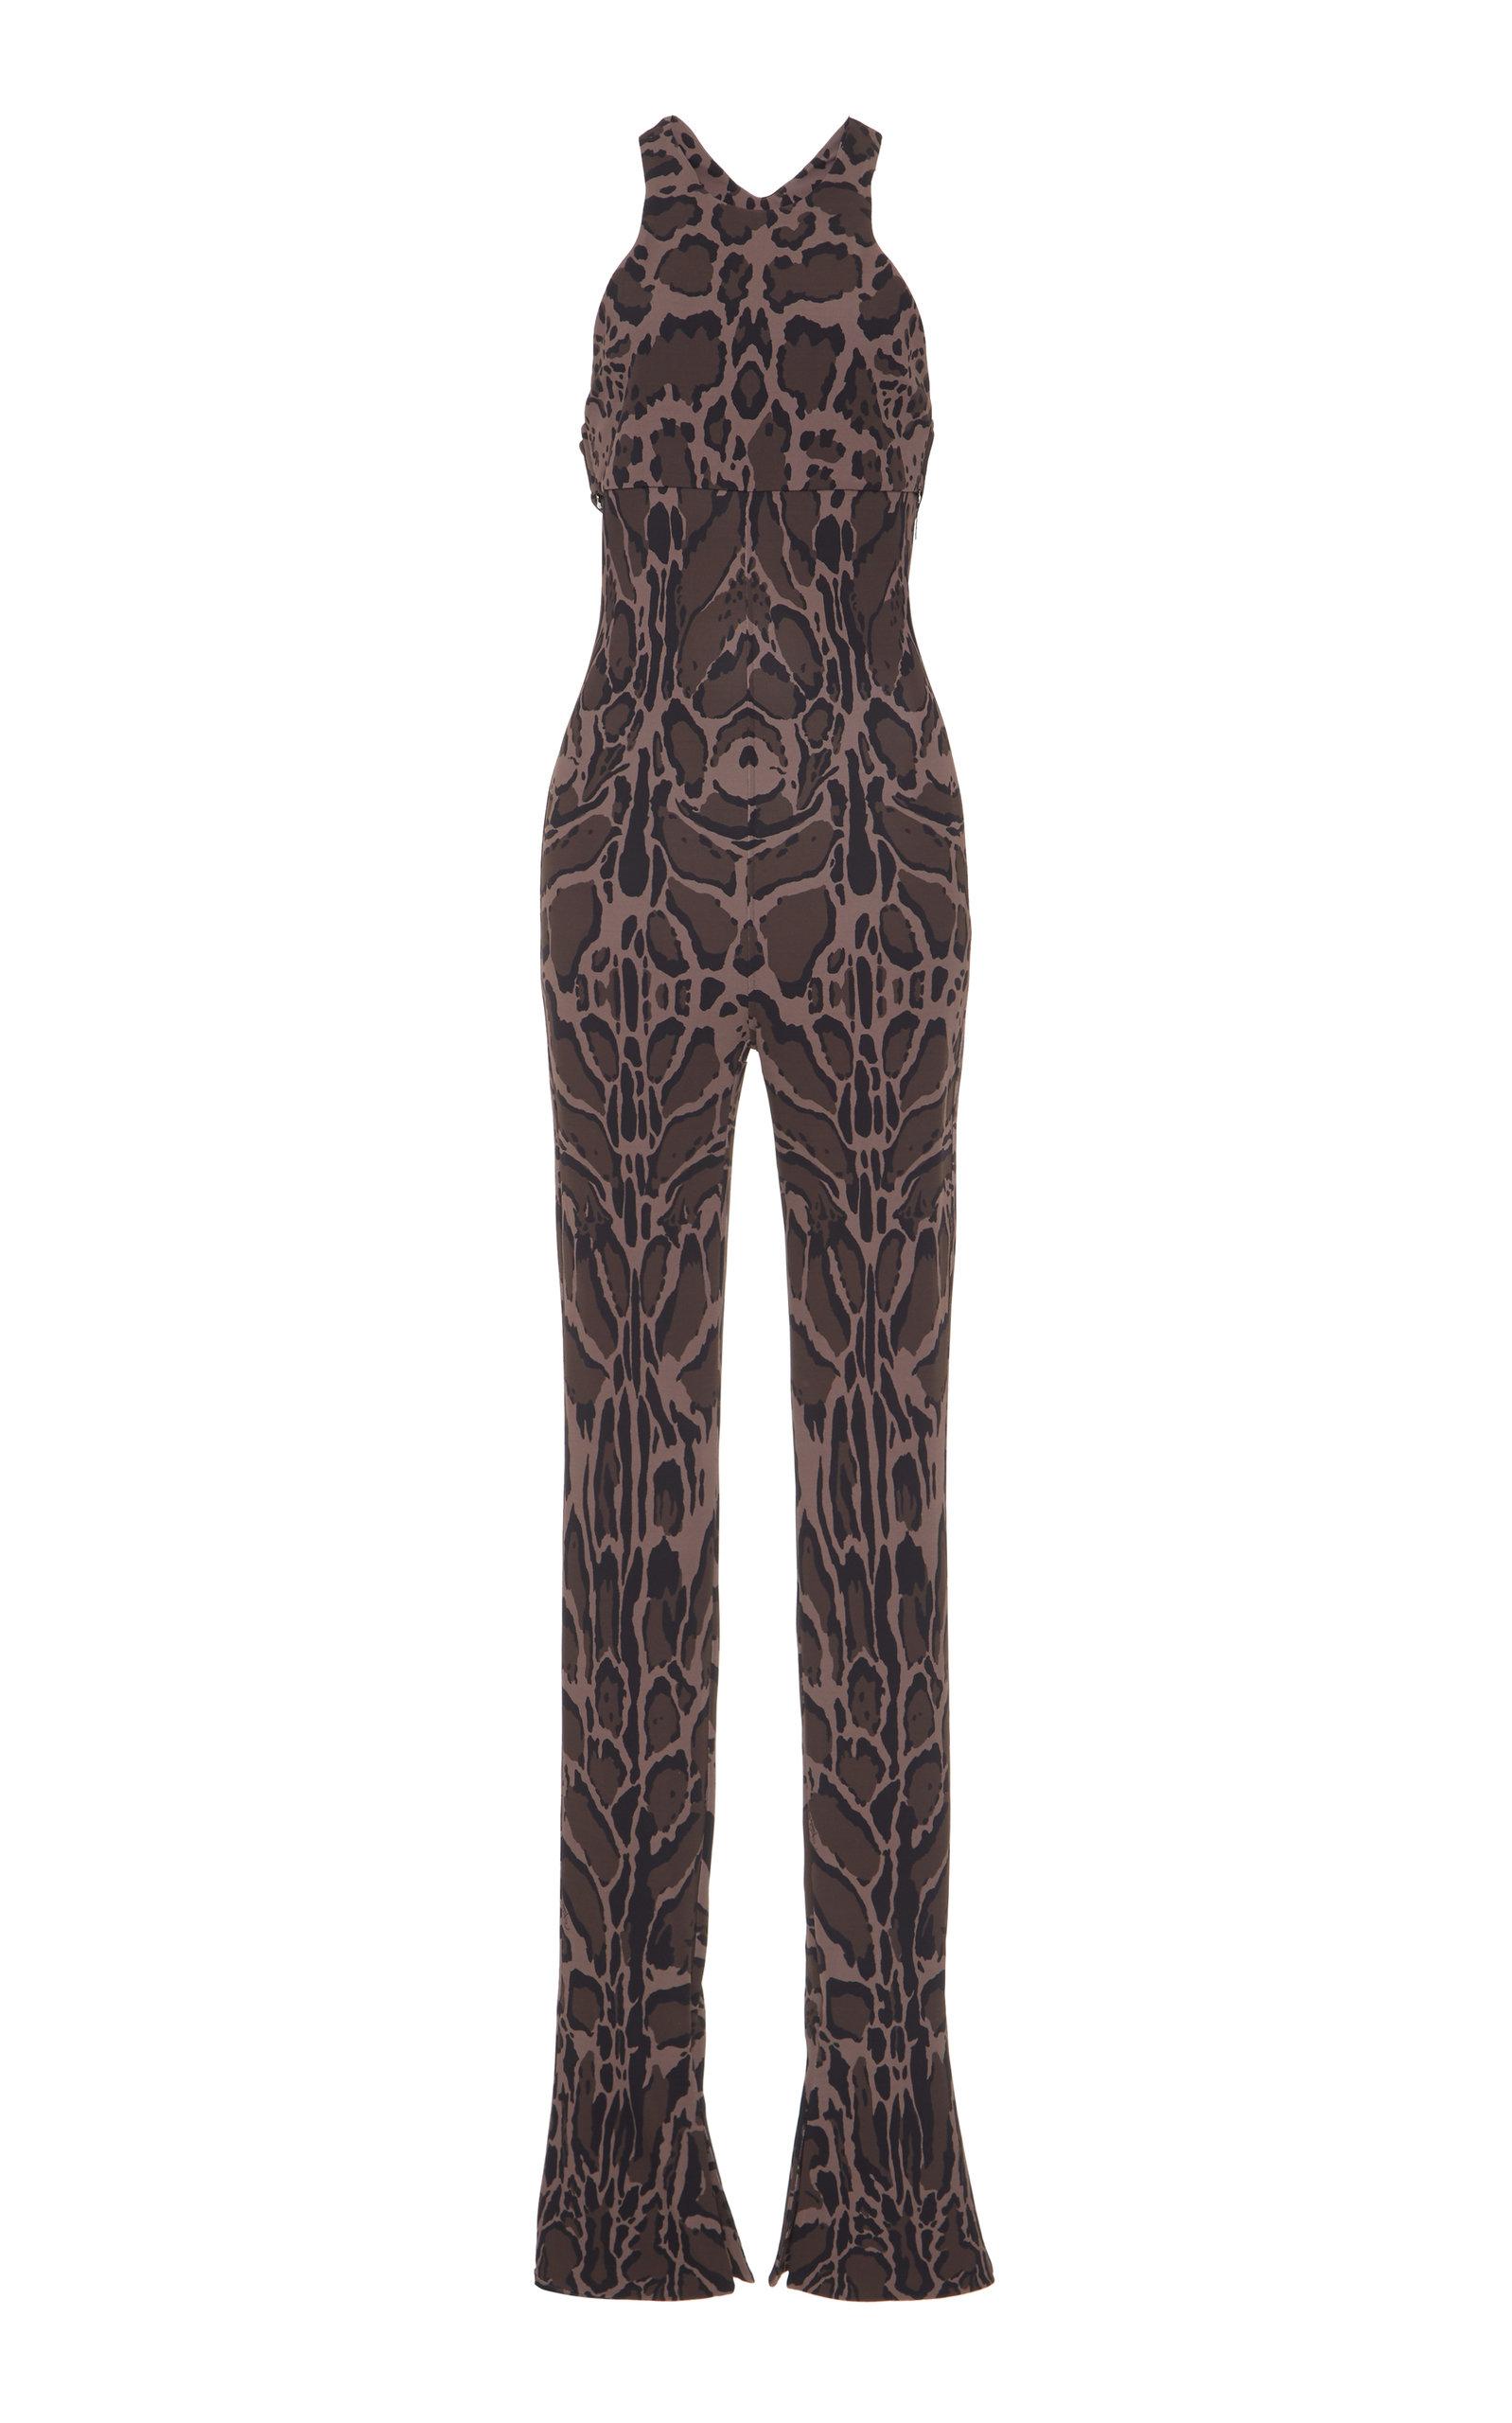 b752b07ad9f Roberto CavalliAnimal Print Jumpsuit. CLOSE. Loading